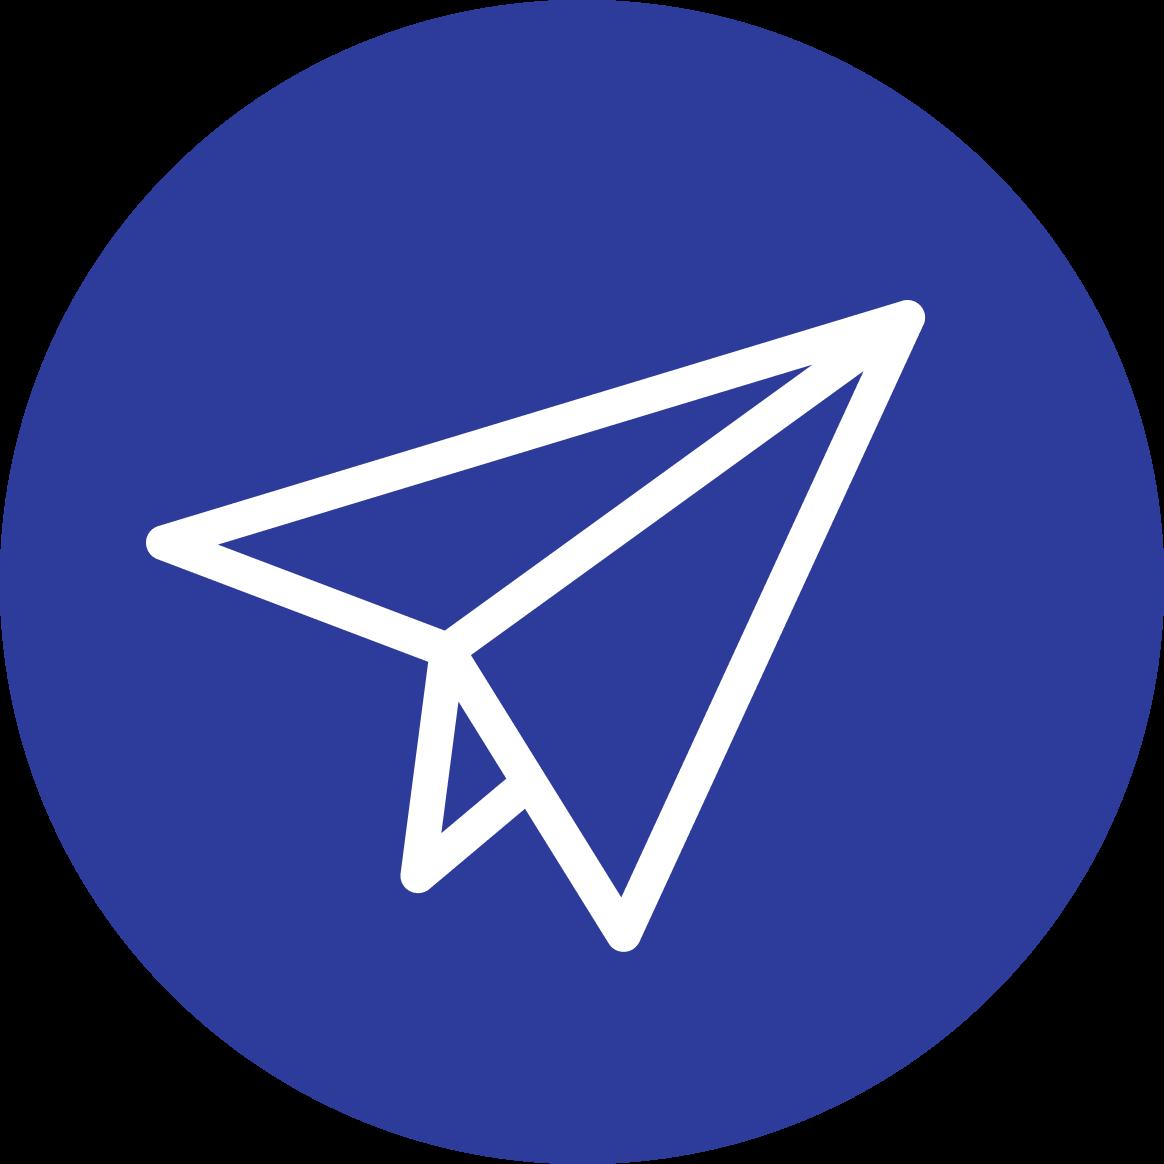 Letter's logo